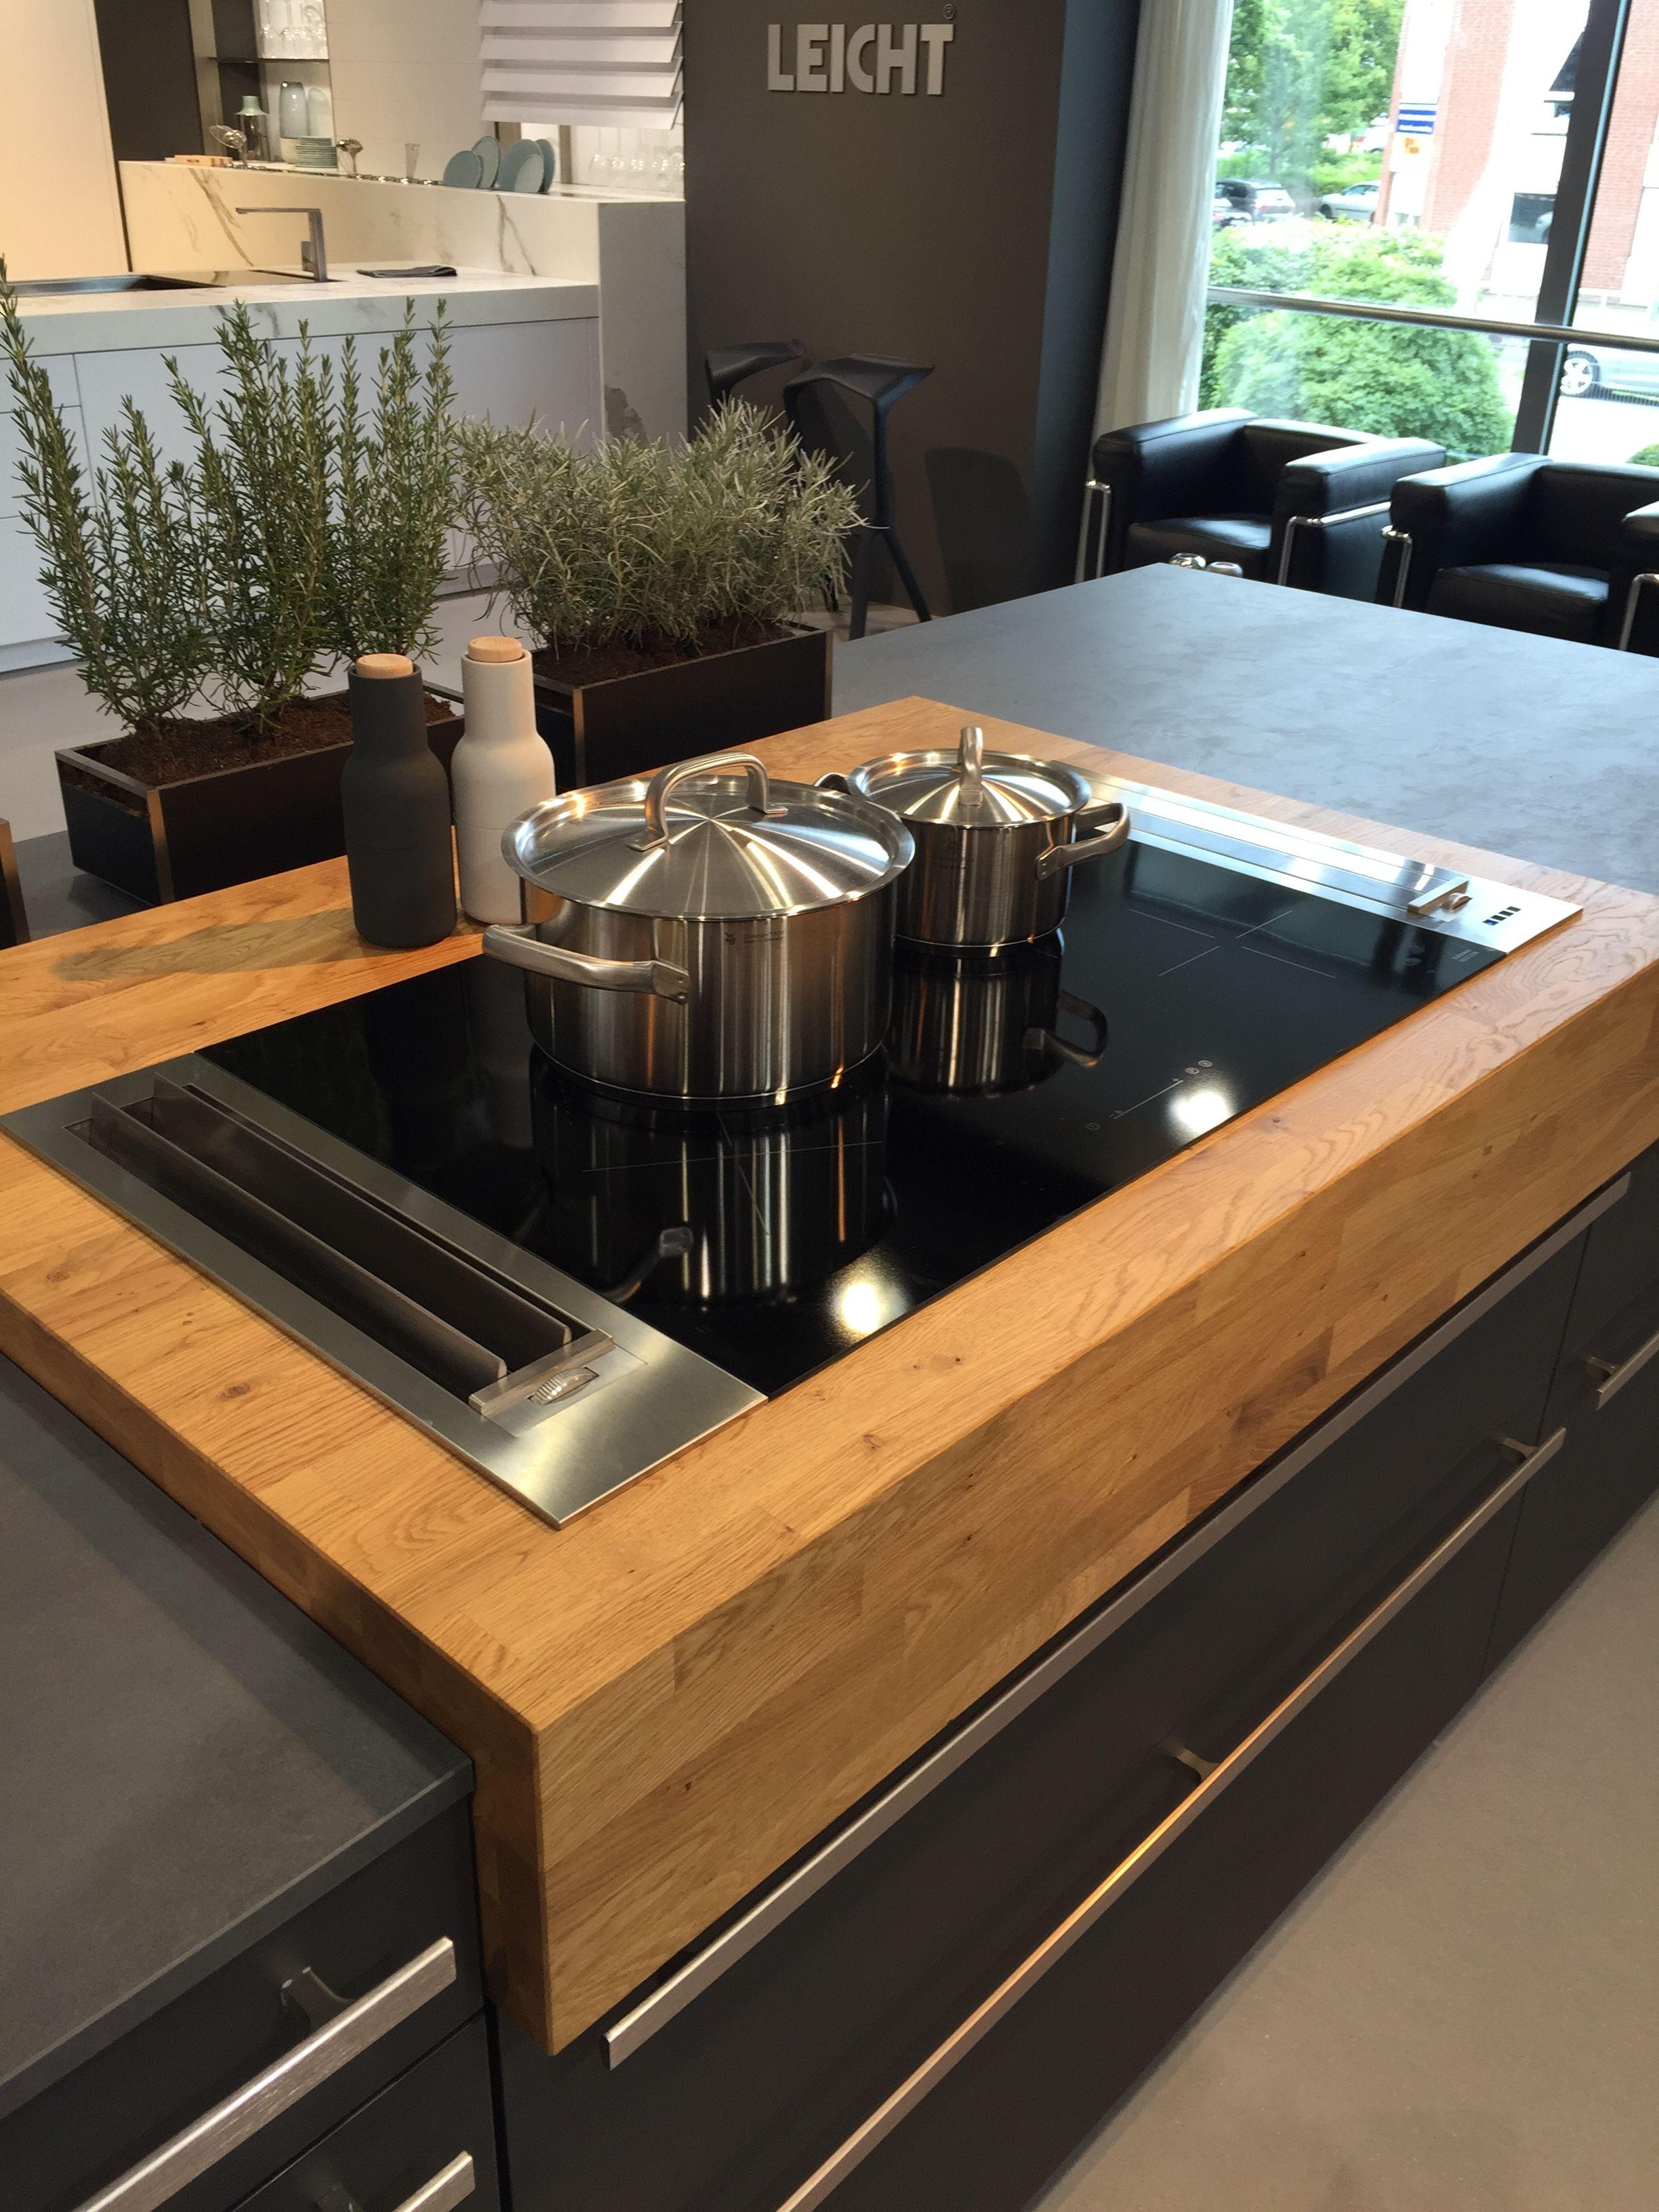 Schitterend Massief Houten Blad Met Inductie Kookplaat En Ingebouwde Afzuiging Keukenstudiomaassluis Keukens Keuken Ontwerpen Keuken Spul Keuken